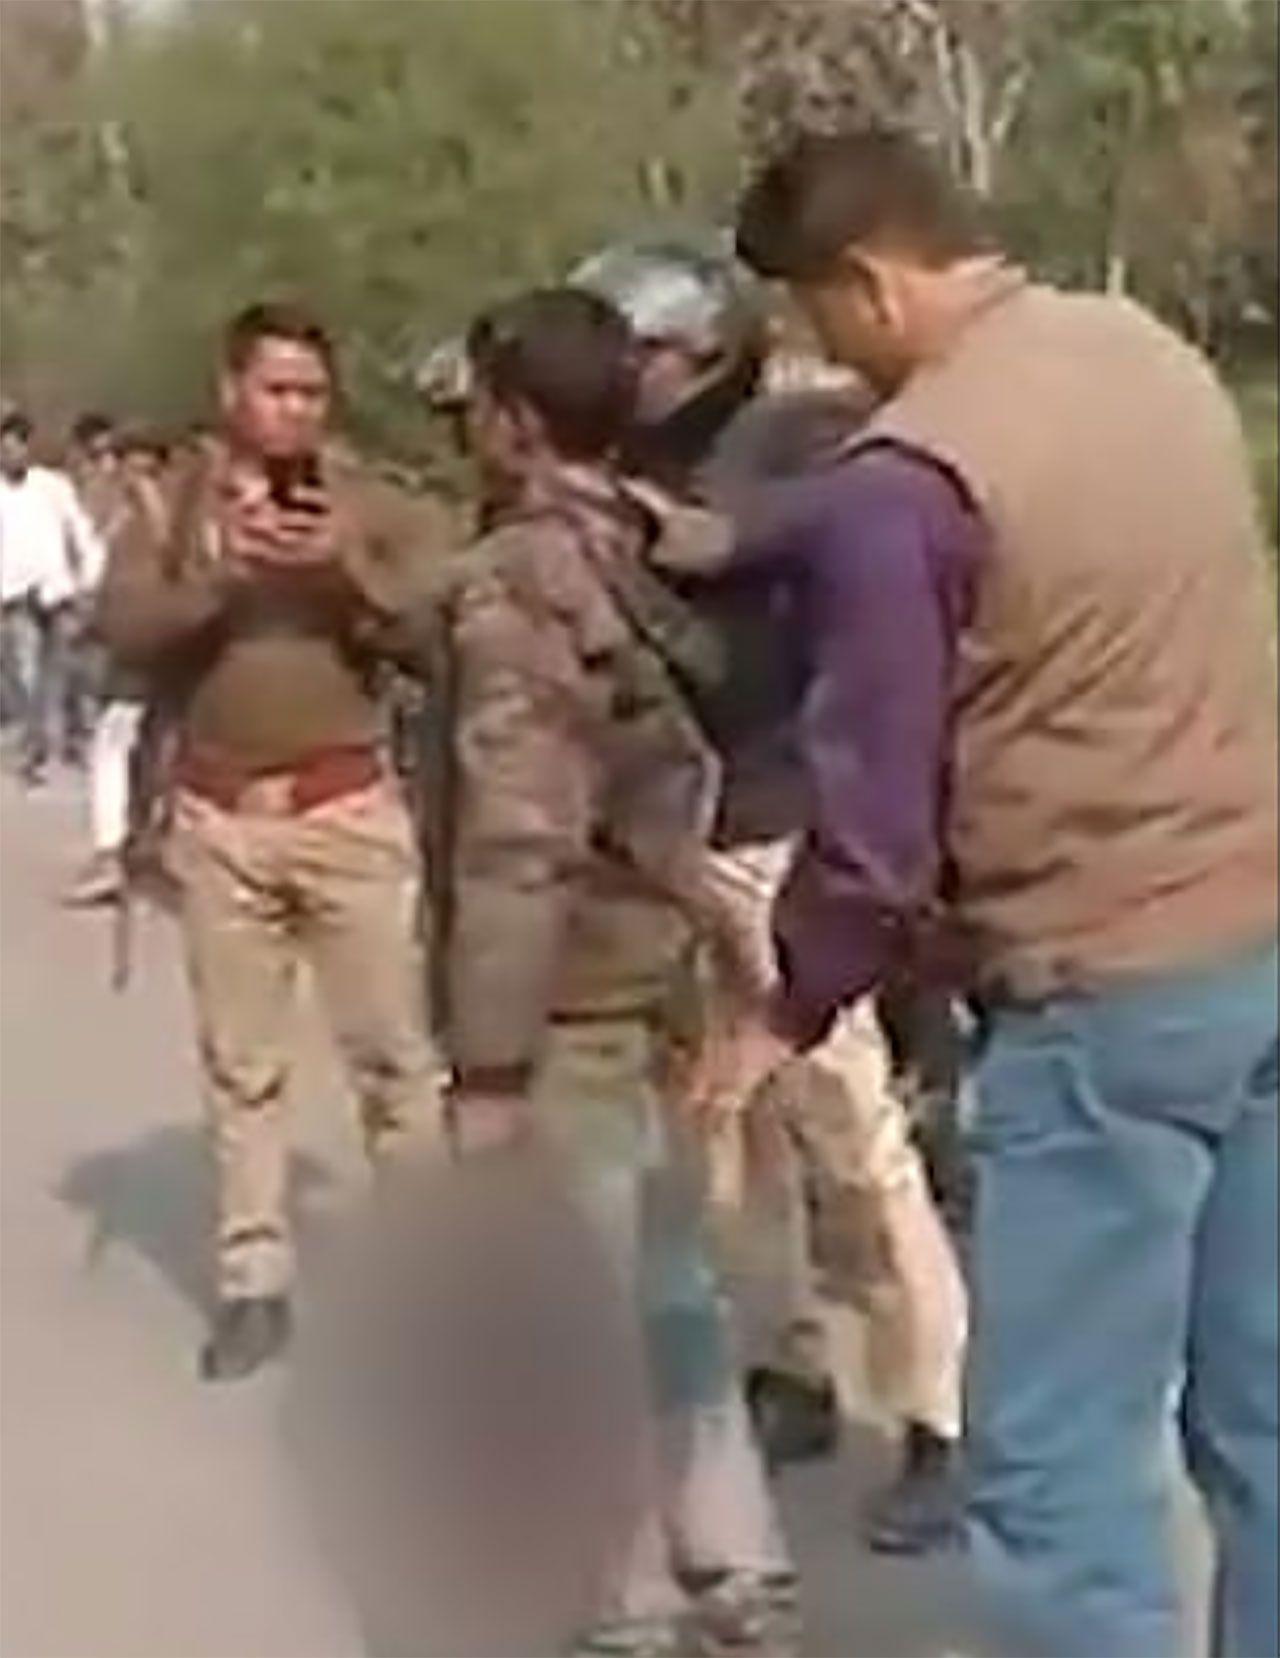 Hindistan'da karısını öldüren adam, karısının kafasını kesip yanına aldıktan sonra karakola kadar yürüdü - Sayfa:4